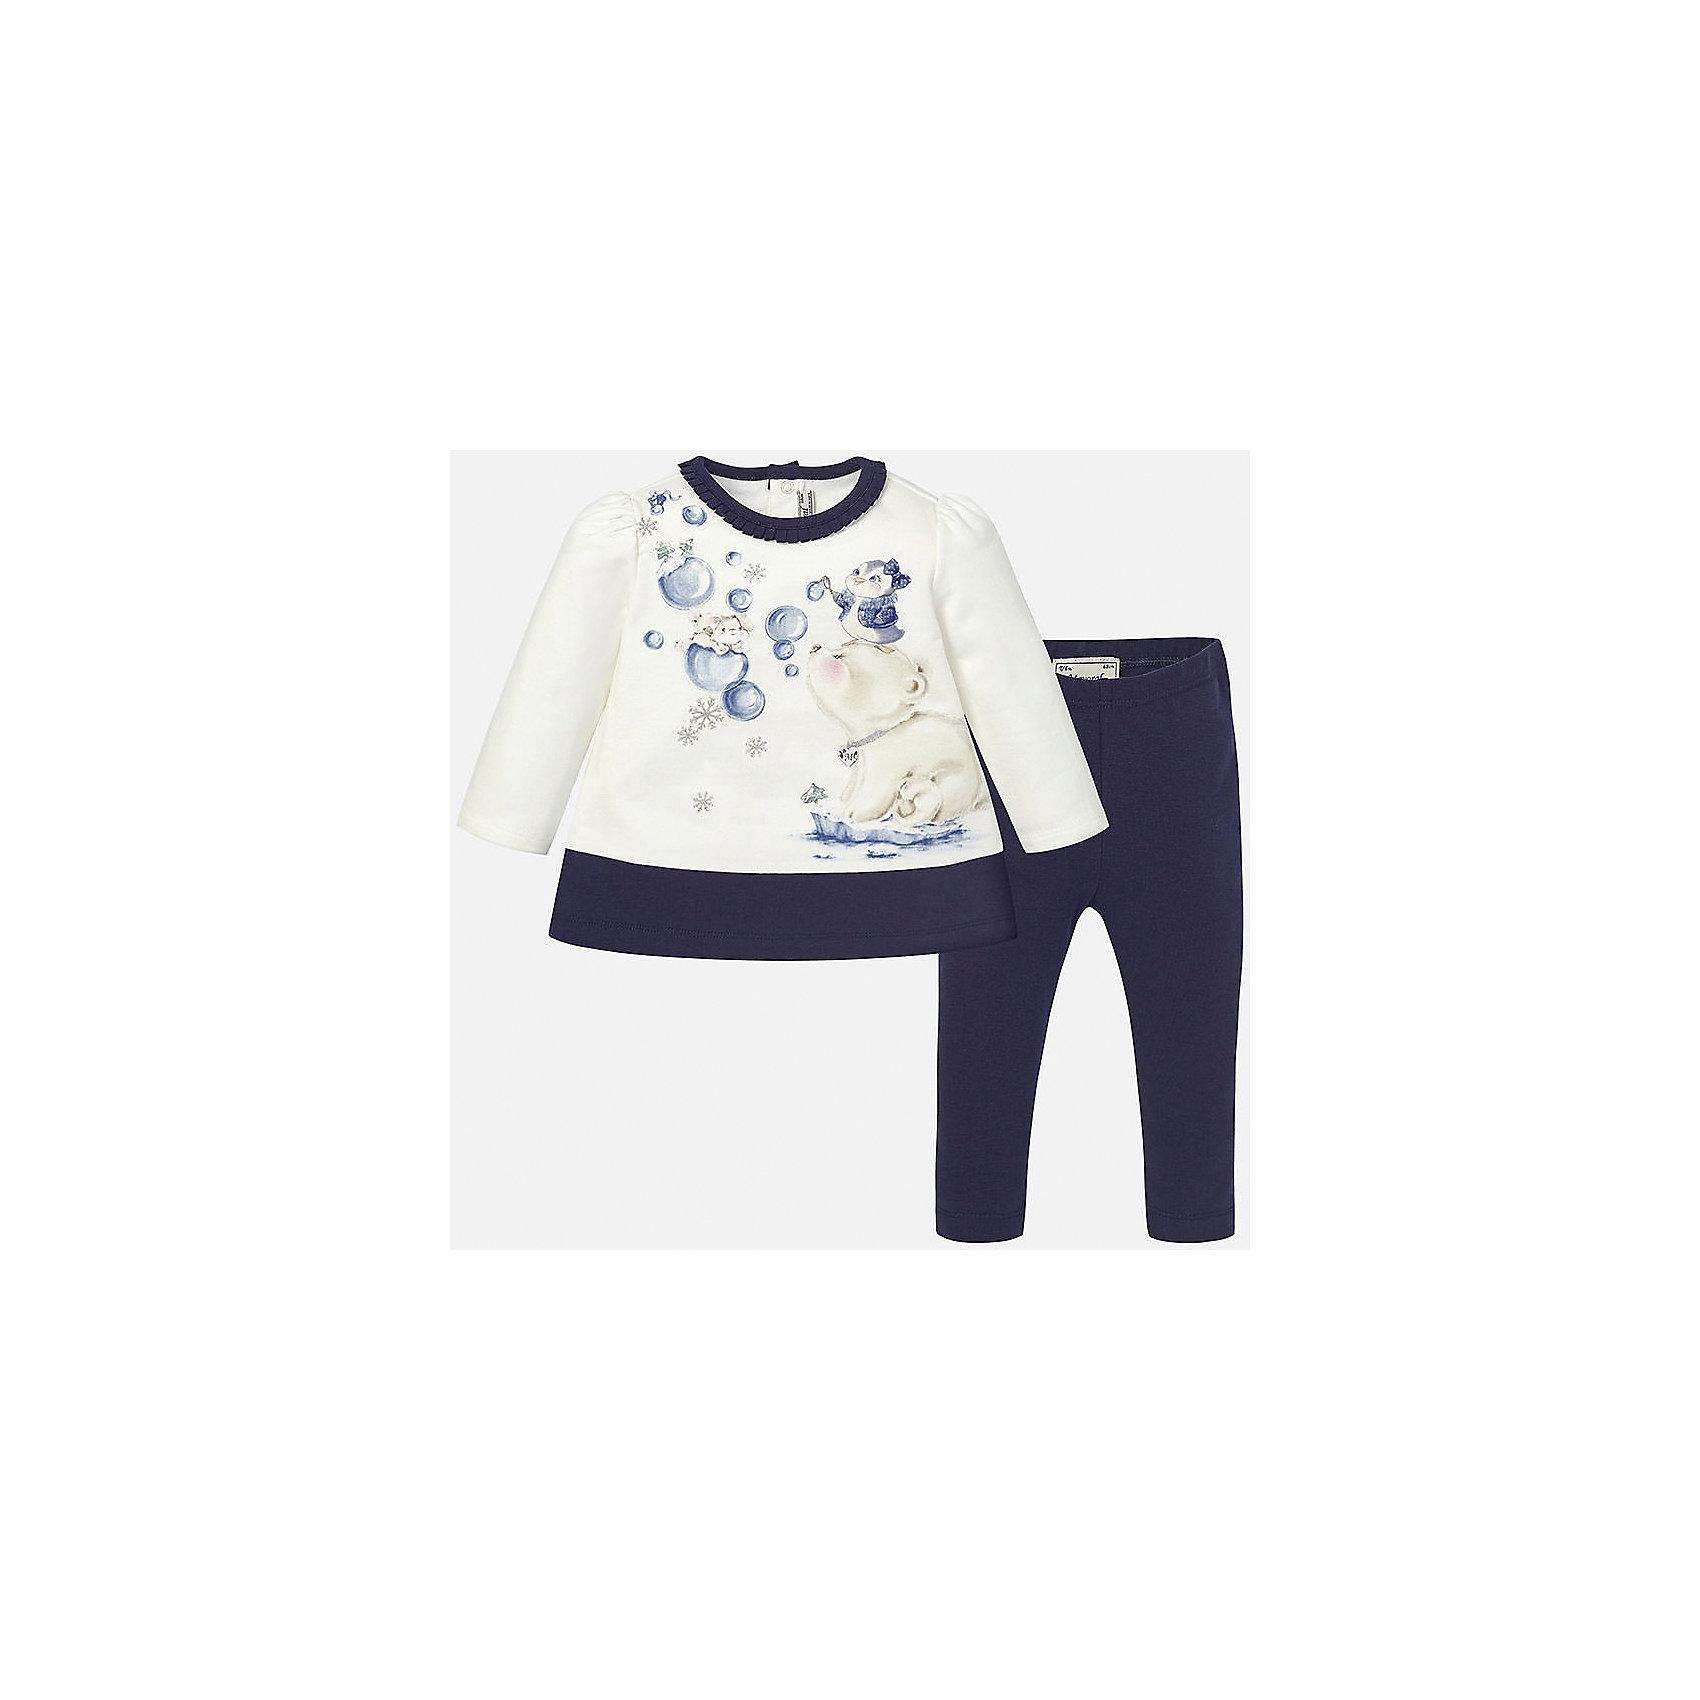 Комплект: футболка с длинным рукавом и леггинсы для девочки MayoralКомплекты<br>Комплект платье+леггинсы тёмно-синего цвета торговой марки  Майорал-Mayoral для девочек. В комплект входят платье и леггинсы, выполненные из хлопка. Мягкое платье с длинным рукавом украшено рюшами по горловине, а также нежным принтом с блёстками и изображением милых зверушек. Платье застёгивается на кнопки на спинке для удобства переодевания,  а однотонные эластичные леггинсы дополнены удобной широкой резинкой на поясе.<br><br>Дополнительная информация:<br><br>- вид застежки: кнопки <br>- цвет: синий, белый<br>- тип карманов: втачные <br>- параметры брючин: ширина брючин – низ: 9 см; по внутреннему шву ; 21 см<br>- фактура материала: текстильный<br>- покрой: прямой<br>- состав: 95% хлопка; 5% эластан<br>- длина  изделия: верх 38 см. низ 31 см<br>- уход за вещами: бережная стирка при 30 градусах<br>- рисунок: с  рисунком<br>- материал: трикотаж<br>- назначение: повседневная<br>- сезон: осень, зима<br>- пол: девочки<br>- страна бренда: Испания<br>- страна производитель:  Индия<br>- комплектация: платье, леггинсы <br><br>комплект торговой марки  Майорал-Mayoral можно купить в нашем интернет магазине.<br><br>Ширина мм: 236<br>Глубина мм: 16<br>Высота мм: 184<br>Вес г: 177<br>Цвет: синий<br>Возраст от месяцев: 12<br>Возраст до месяцев: 18<br>Пол: Женский<br>Возраст: Детский<br>Размер: 86,92,80,74<br>SKU: 4846268